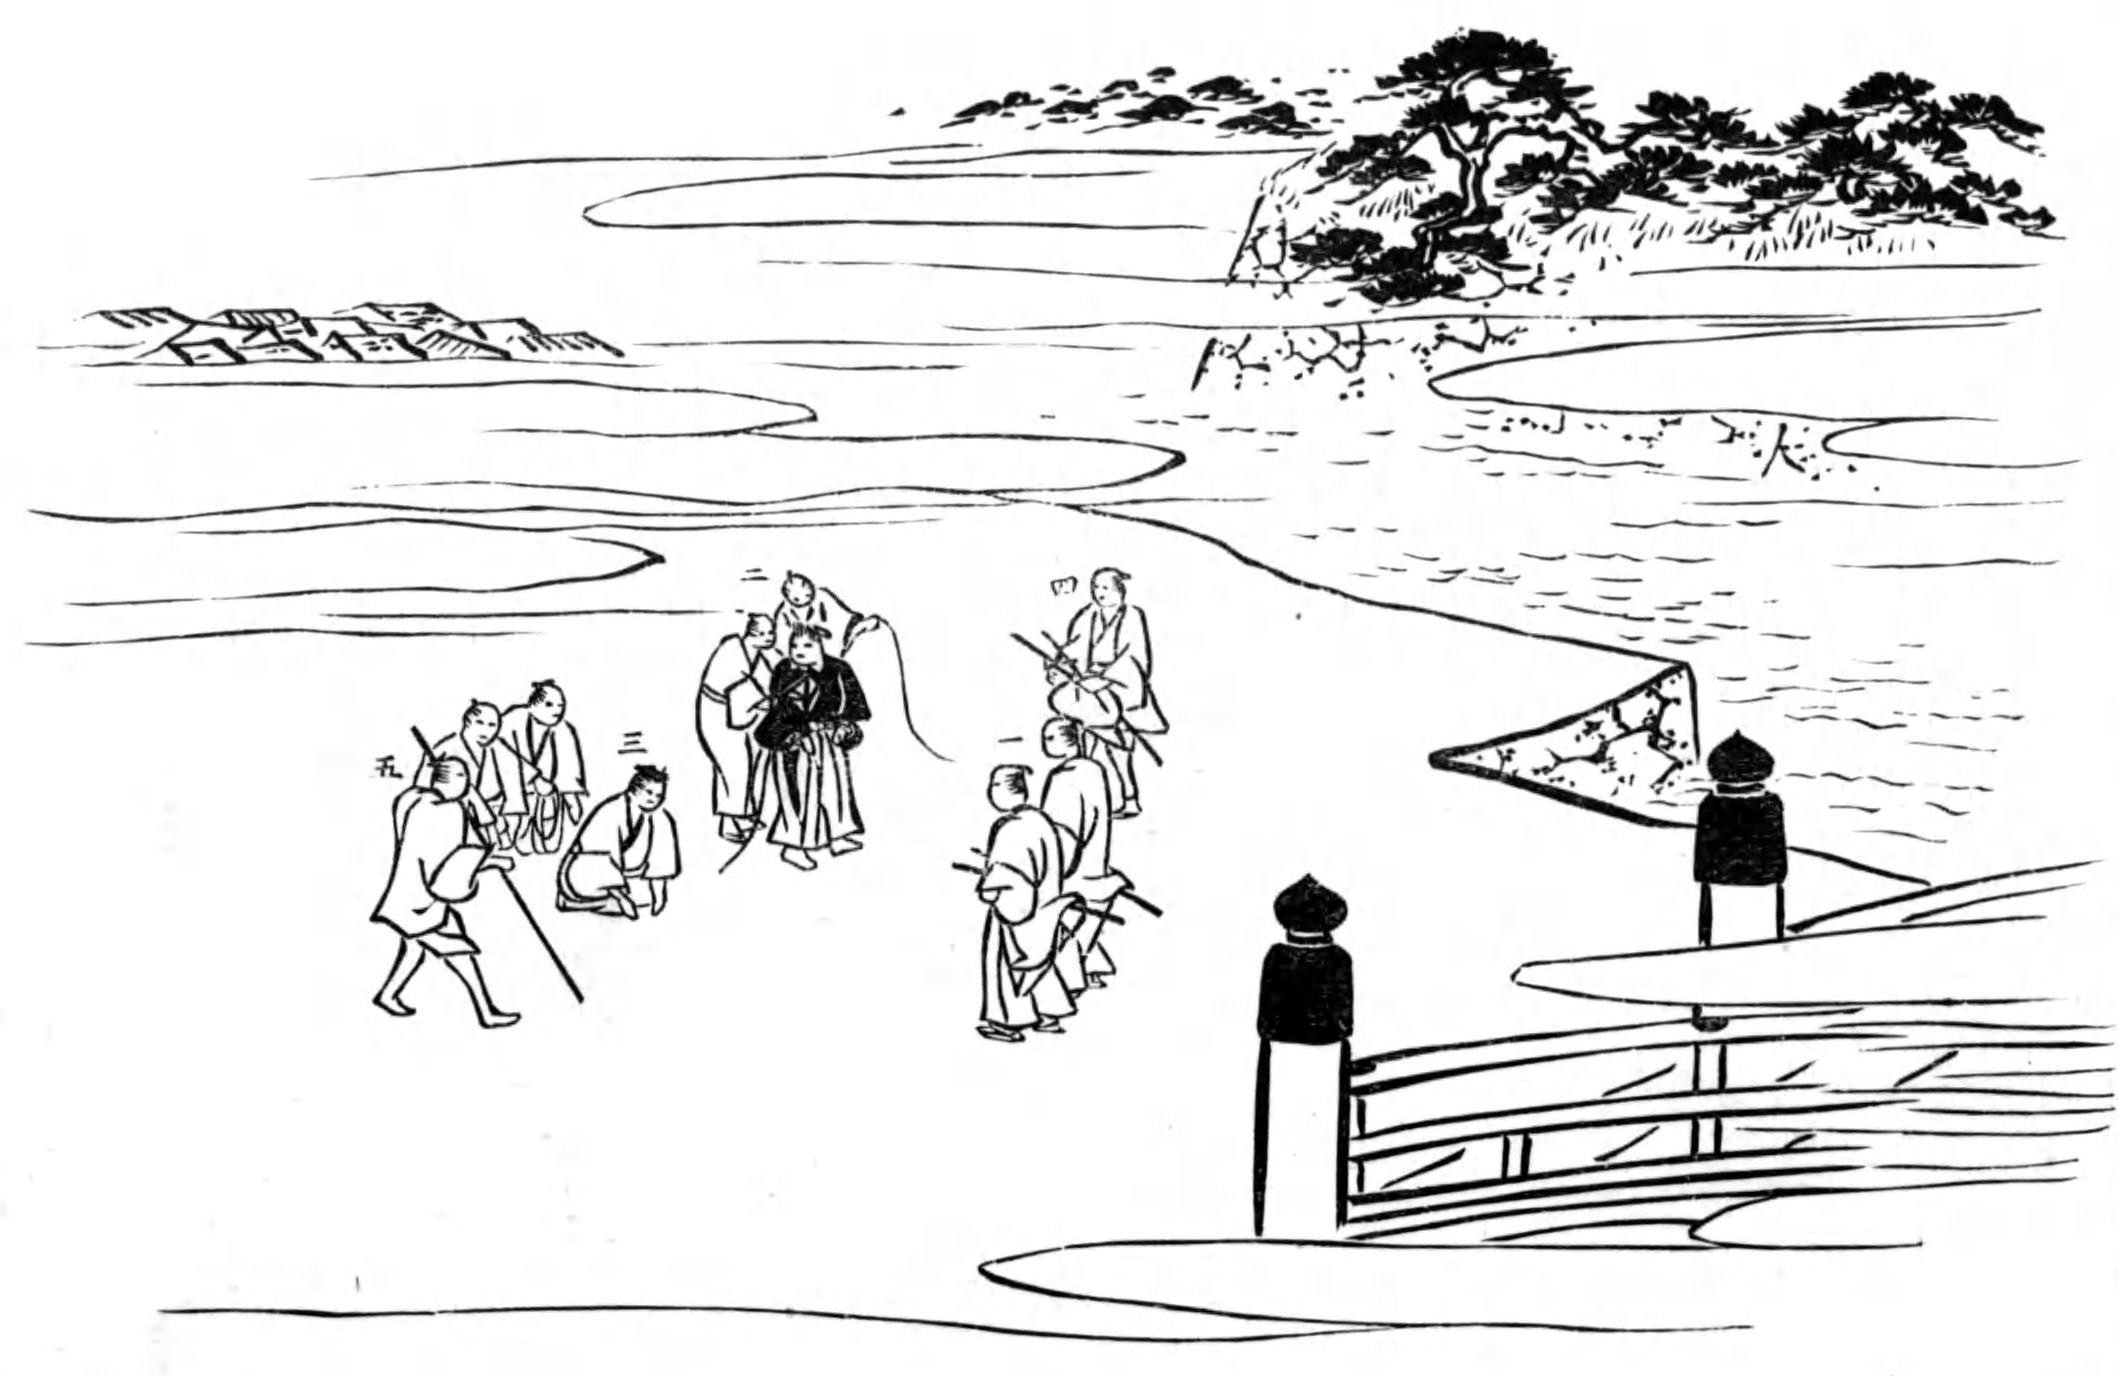 佐久間長敬著『刑罪詳説』より「追放者廓外門前払ノ図」。「公事方御定書」以前に行われていた「追放刑」は江戸の町の治安維持を狙ったものだが、矛盾や弊害も抱えていた。(写真:国立国会図書館)